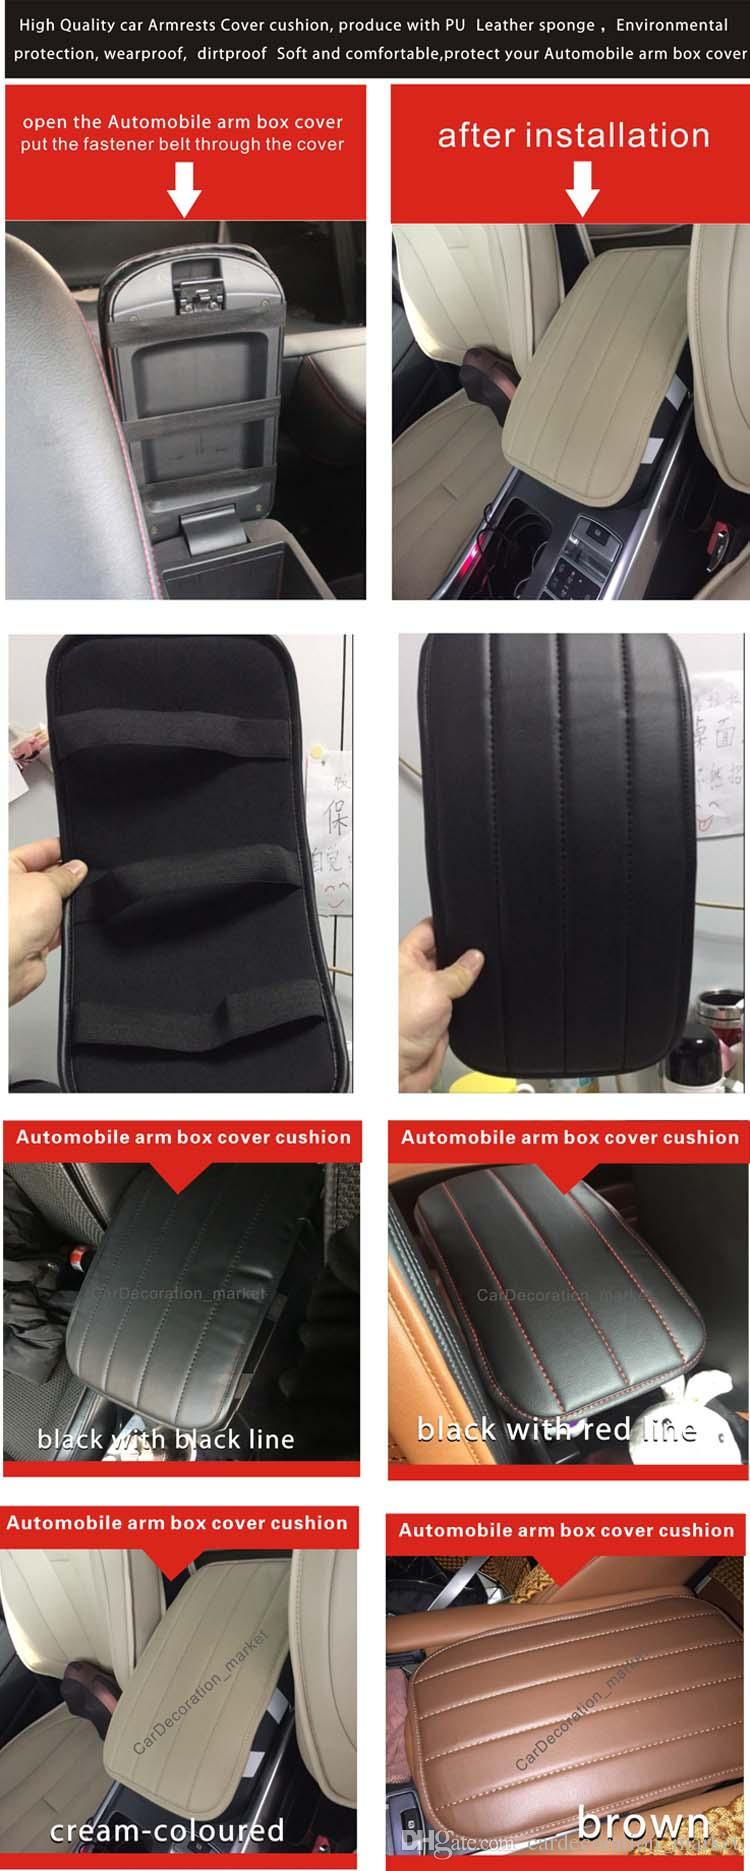 Moda decoração interior acessório prado 2.7L almofada de cobertura de braço, prado 3.5L Veículo centro Console tampa da caixa de almofada entre os assentos de carro da frente